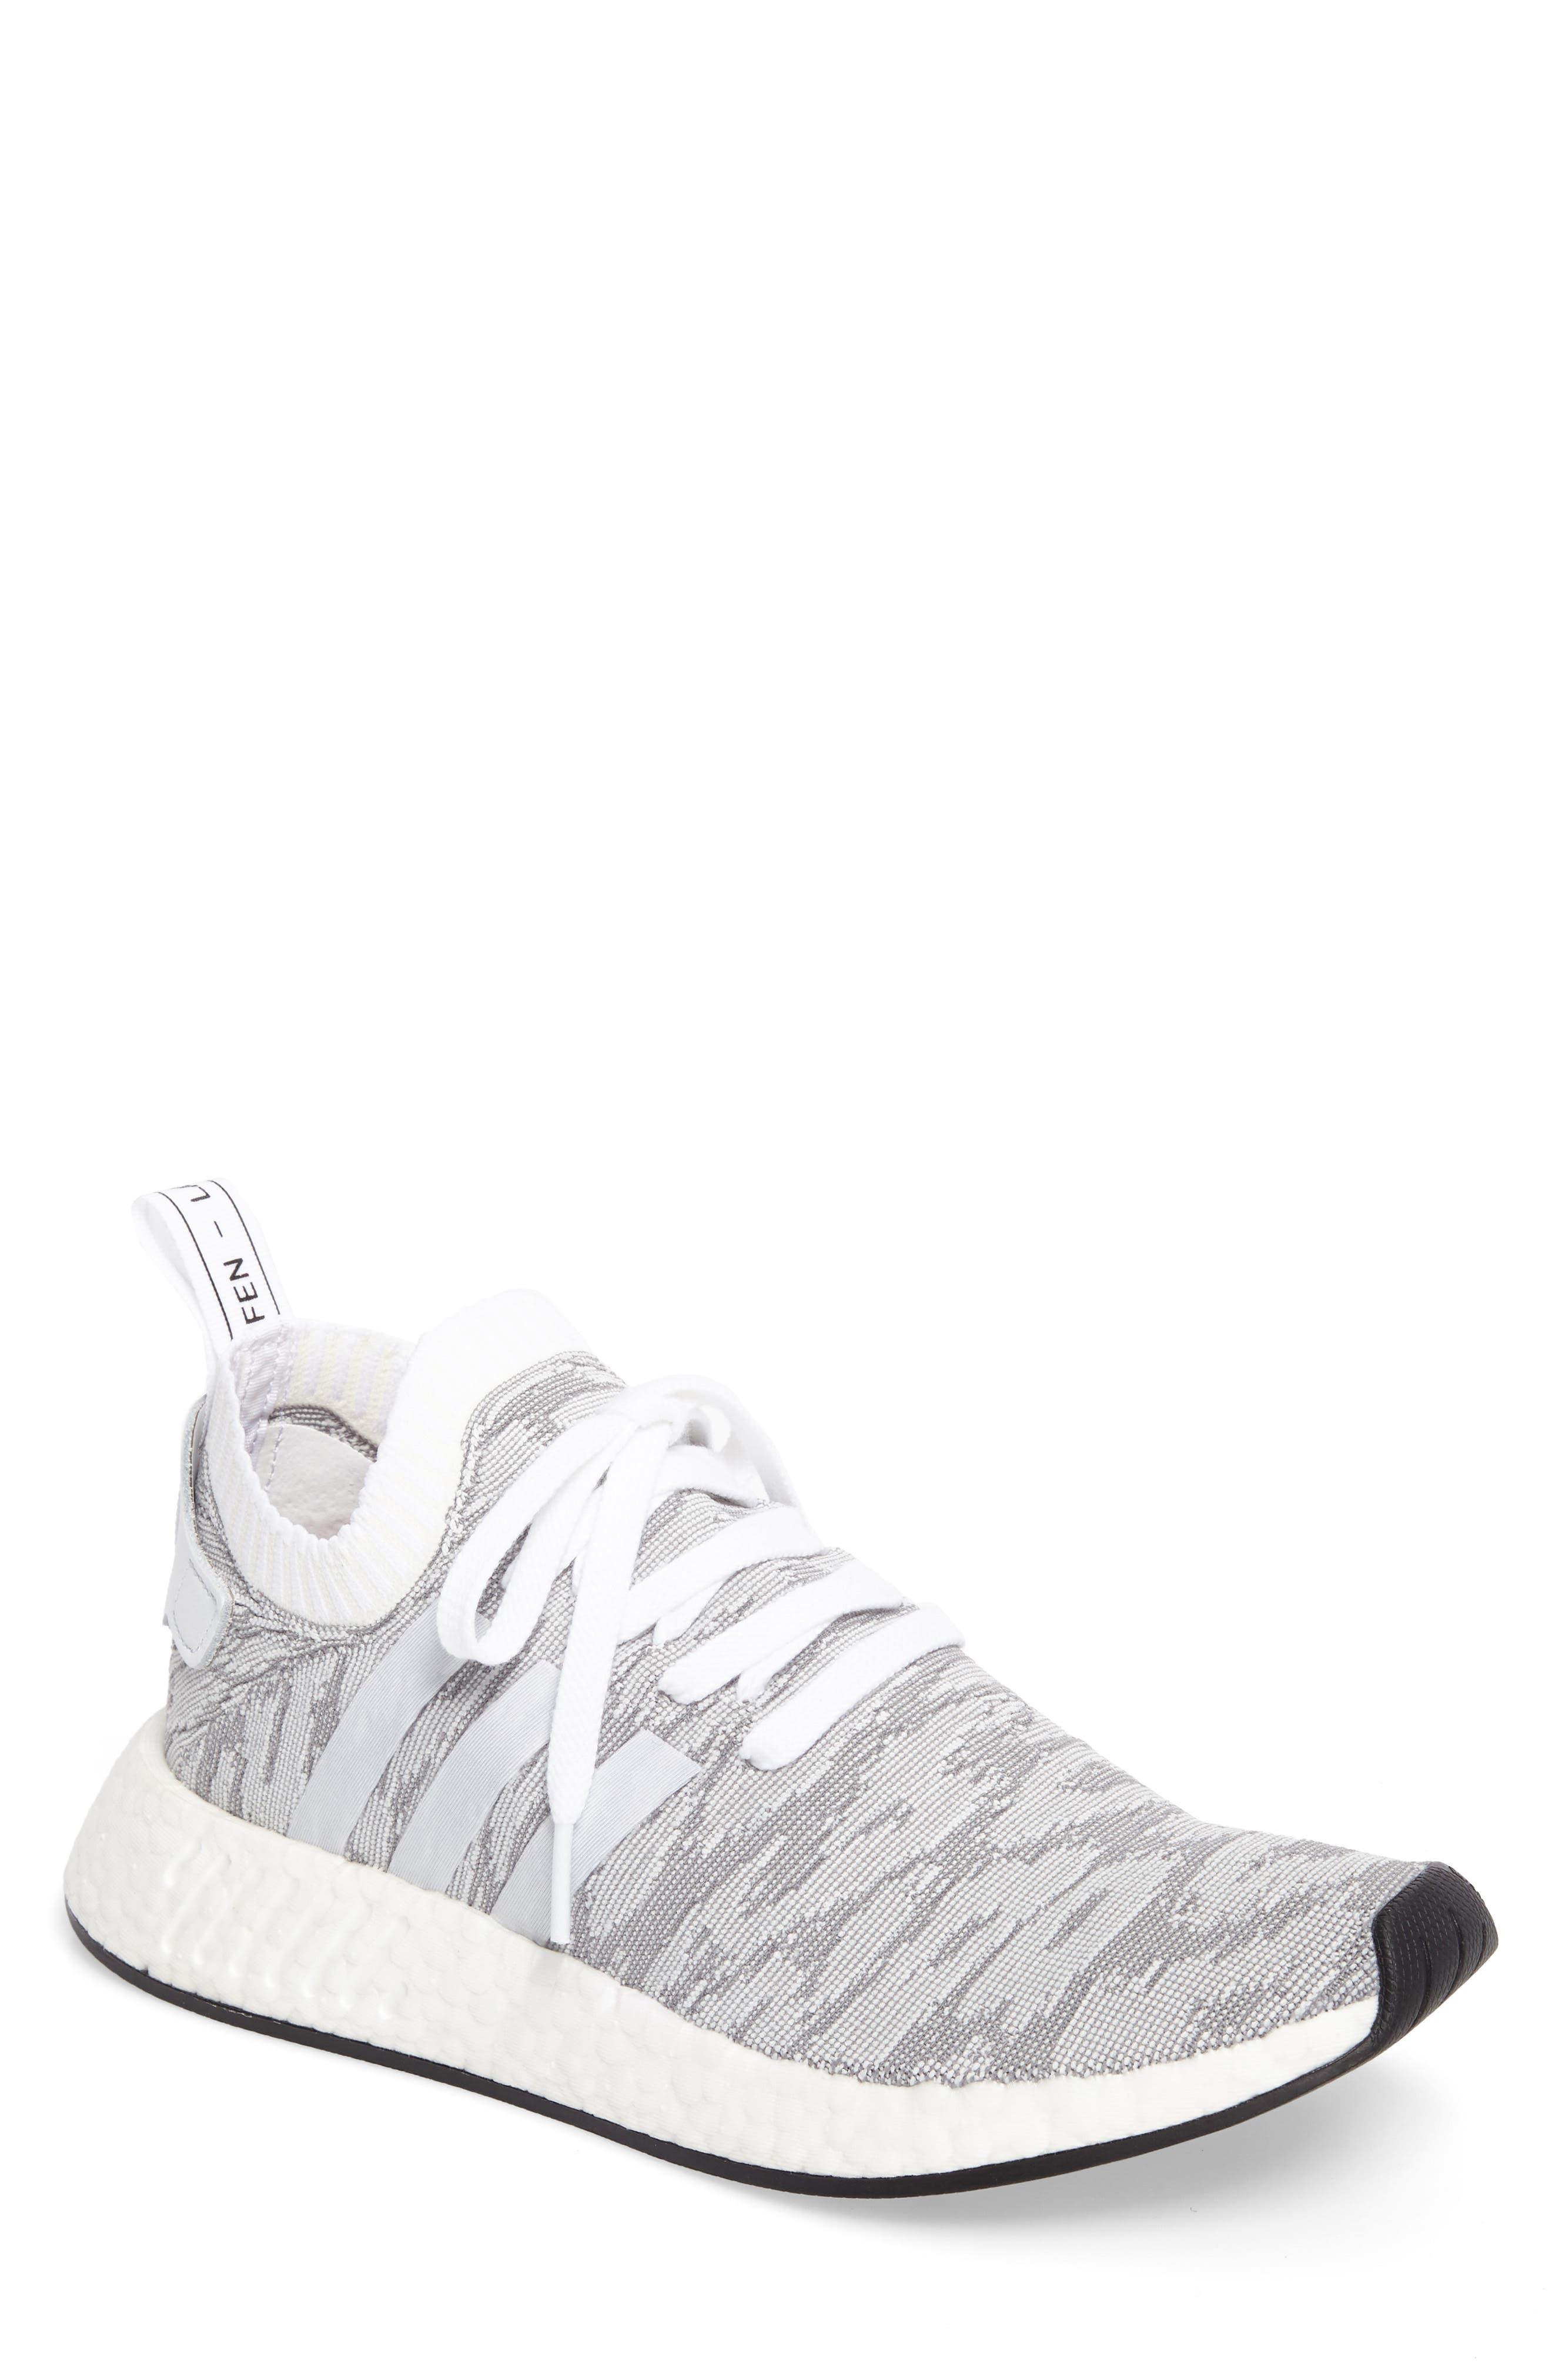 Main Image - adidas NMD R2 Primeknit Running Shoe (Men)